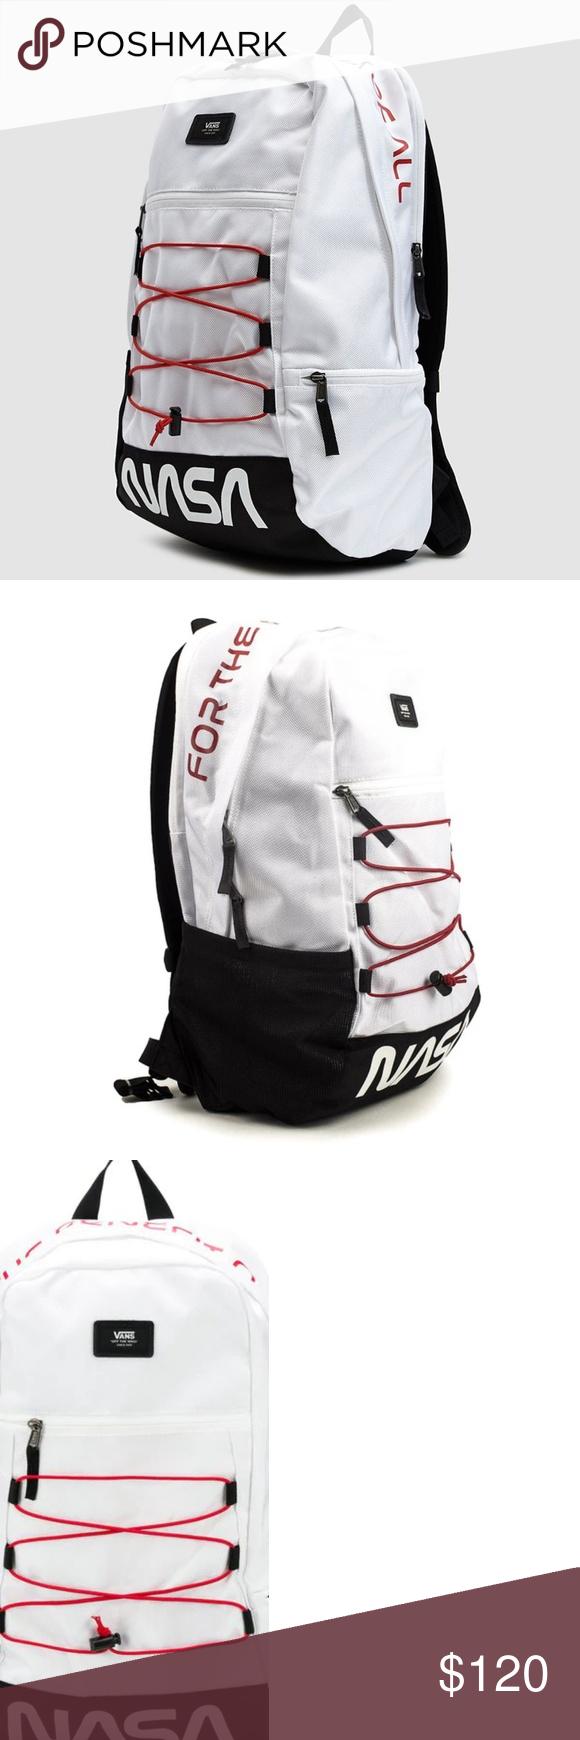 herren Repliken großartige Qualität New Vans Nasa Backpack